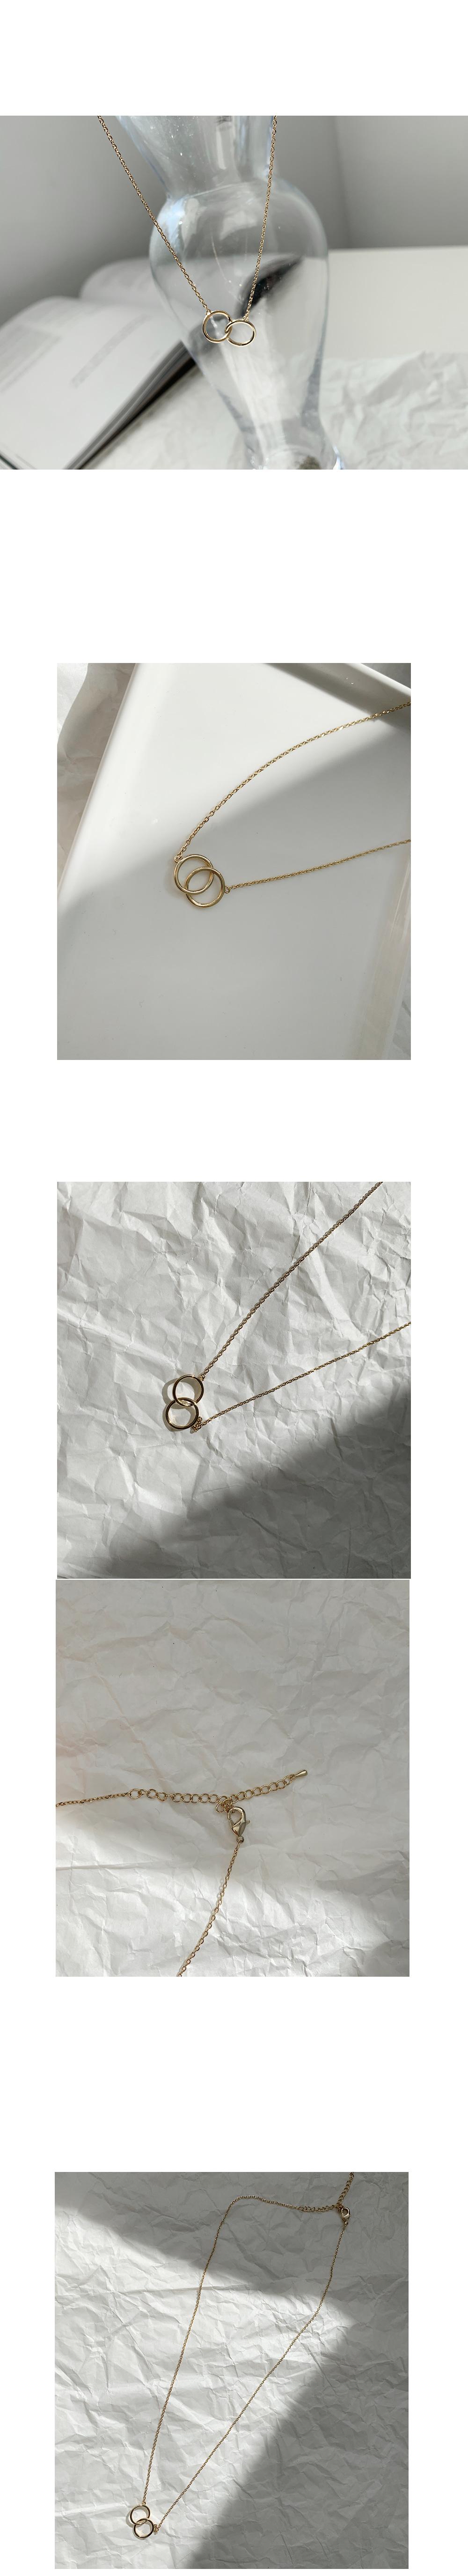 Leum ring N